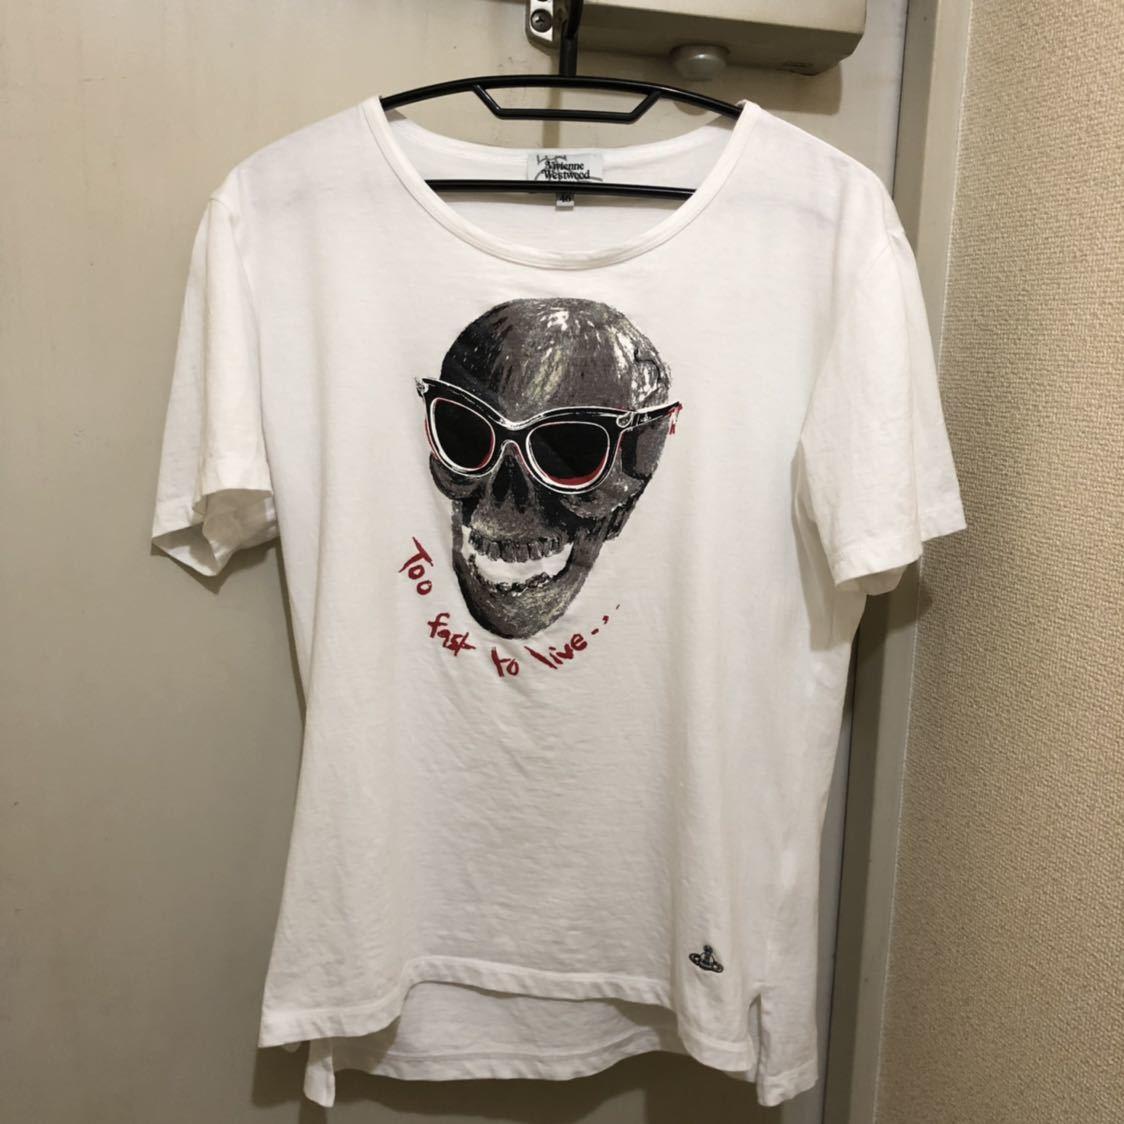 送料無料!46サイズ!日本製ヴィヴィアンウエストウッドマン 古着半袖Tシャツ_画像6